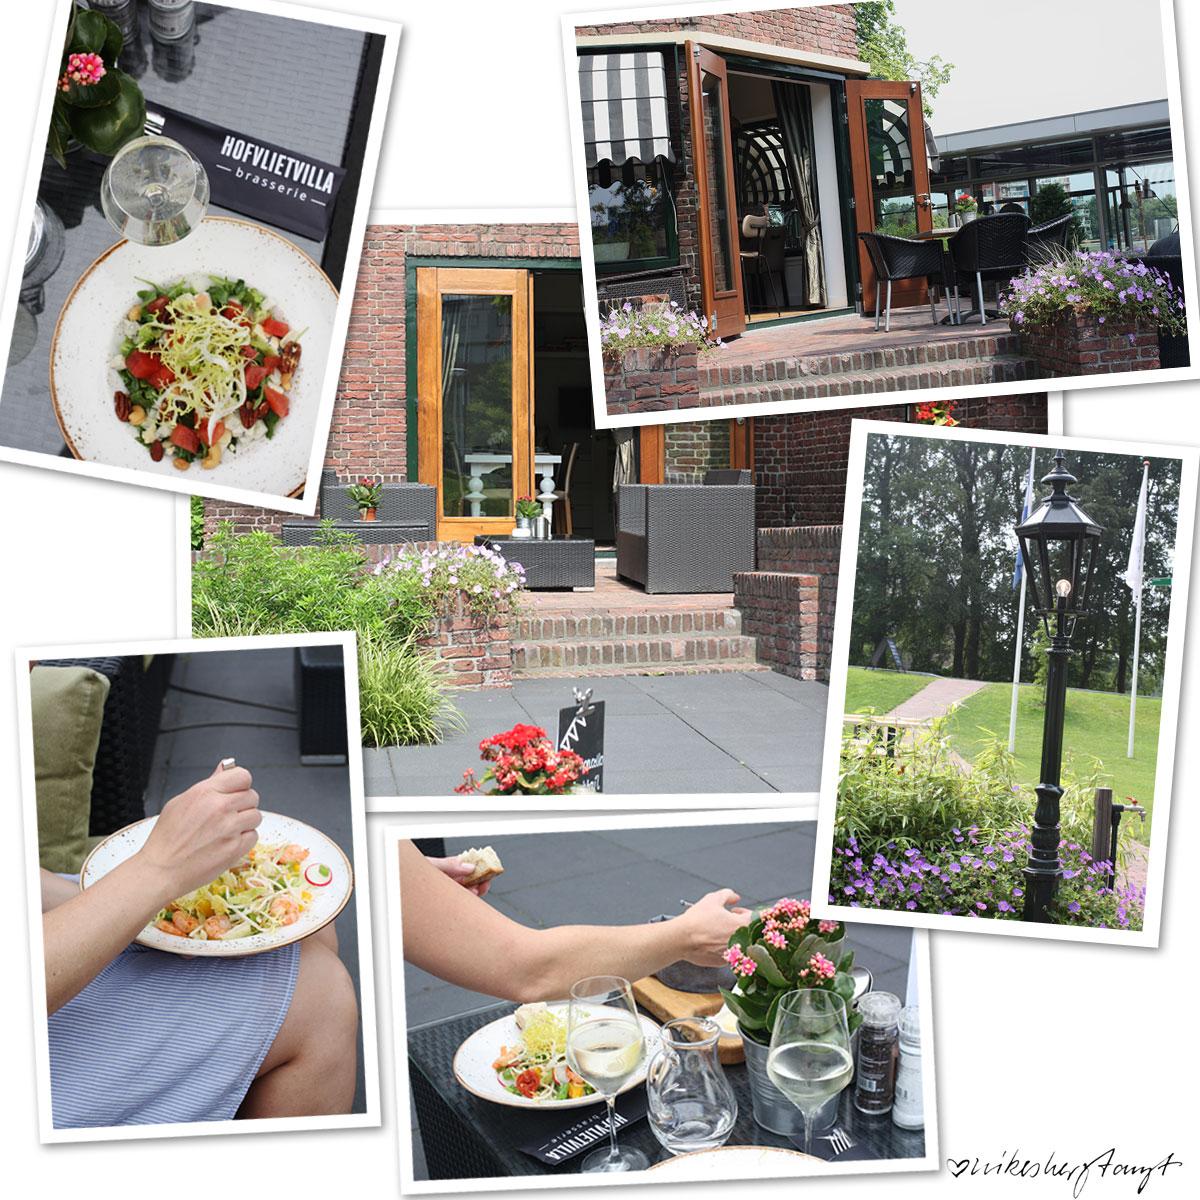 eten in zwolle, gastrotipps, zwolle, holland, niederlande, hanzesteden, netherlands, restaurants, auswärts essen, travel, reisen, #nikeunterwegs, blog, nikesherztanzt